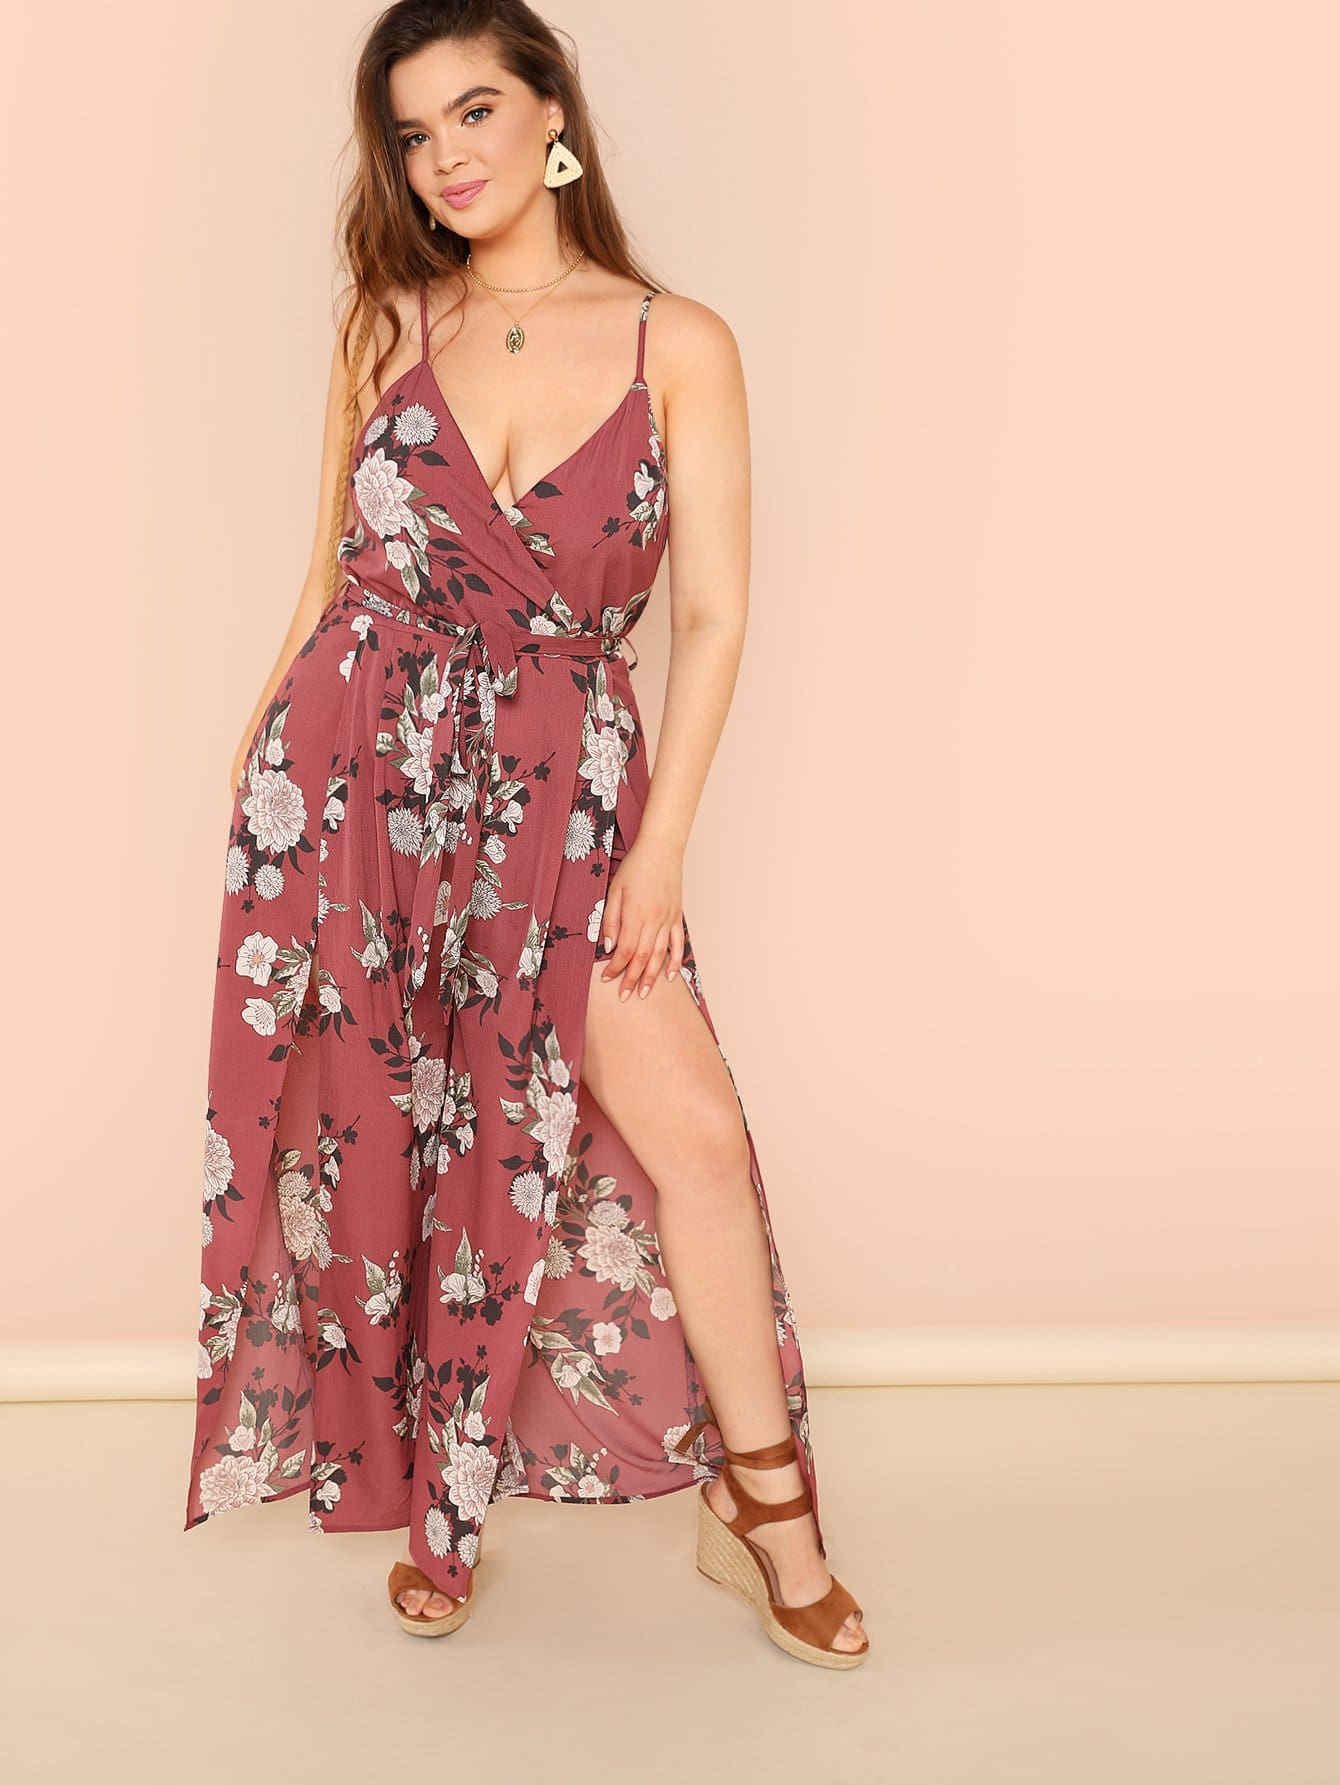 Self Belted Slit Flare Hem Floral Cami Jumpsuit flounce hem belted pinstripe cami dress